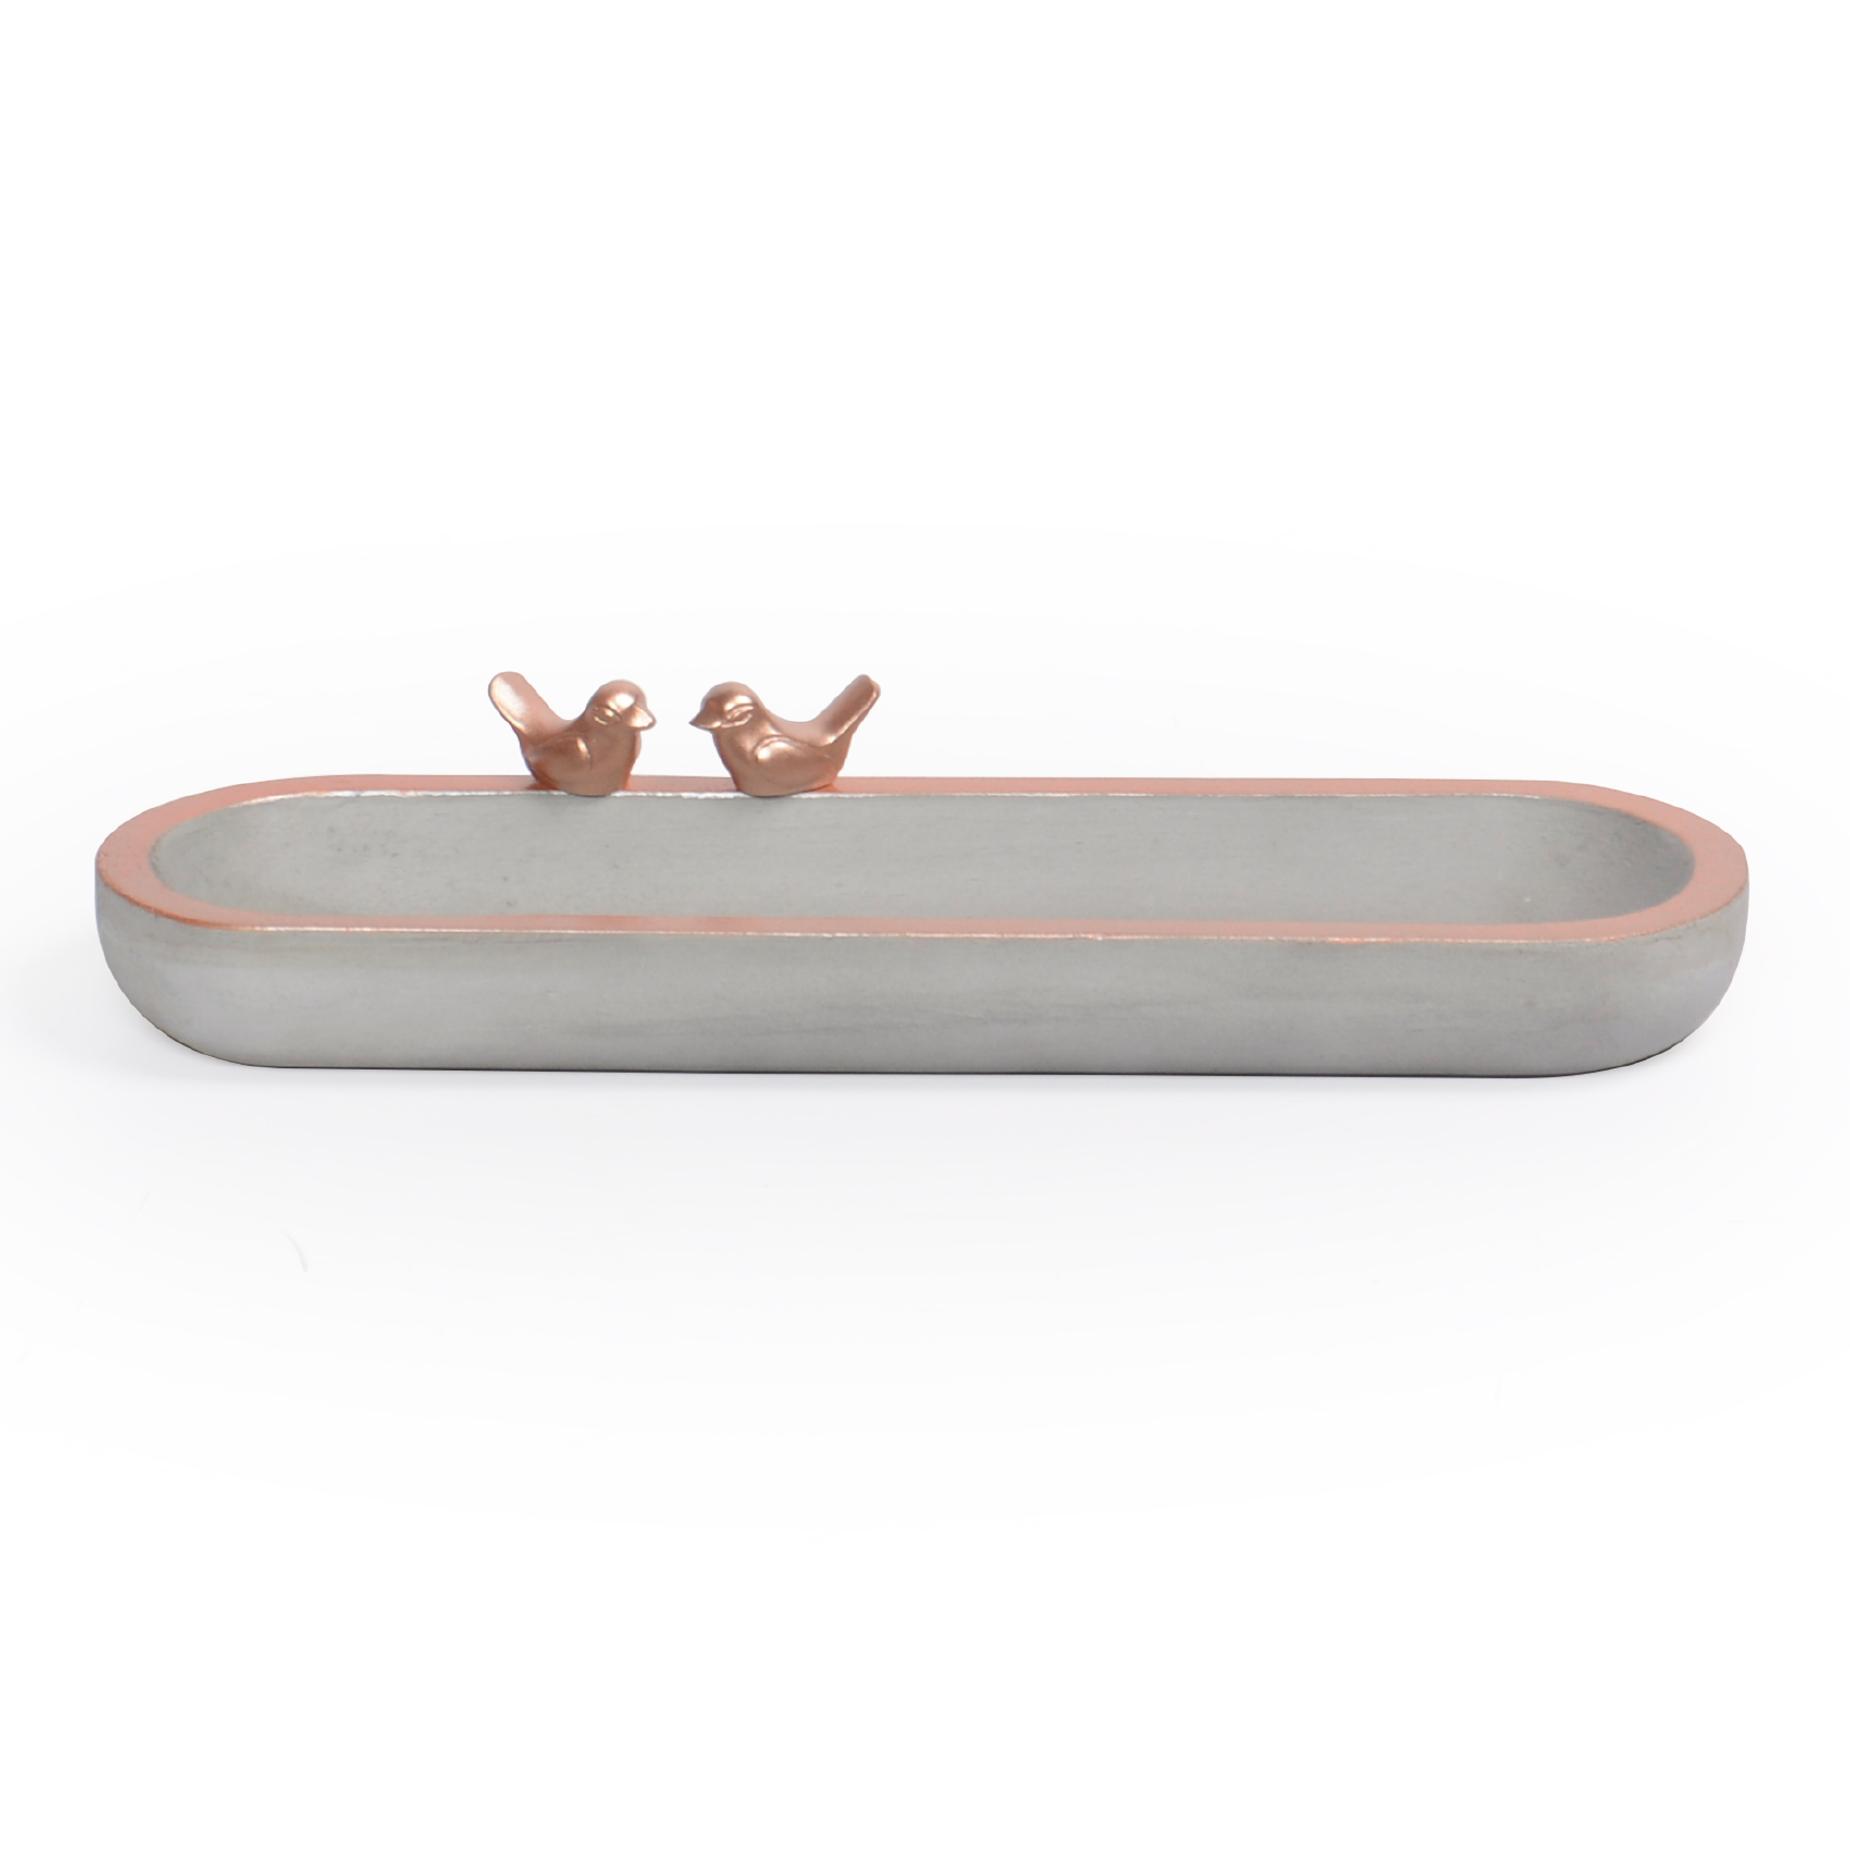 Bandeja oval de concreto com borda Cobre e Pássaro